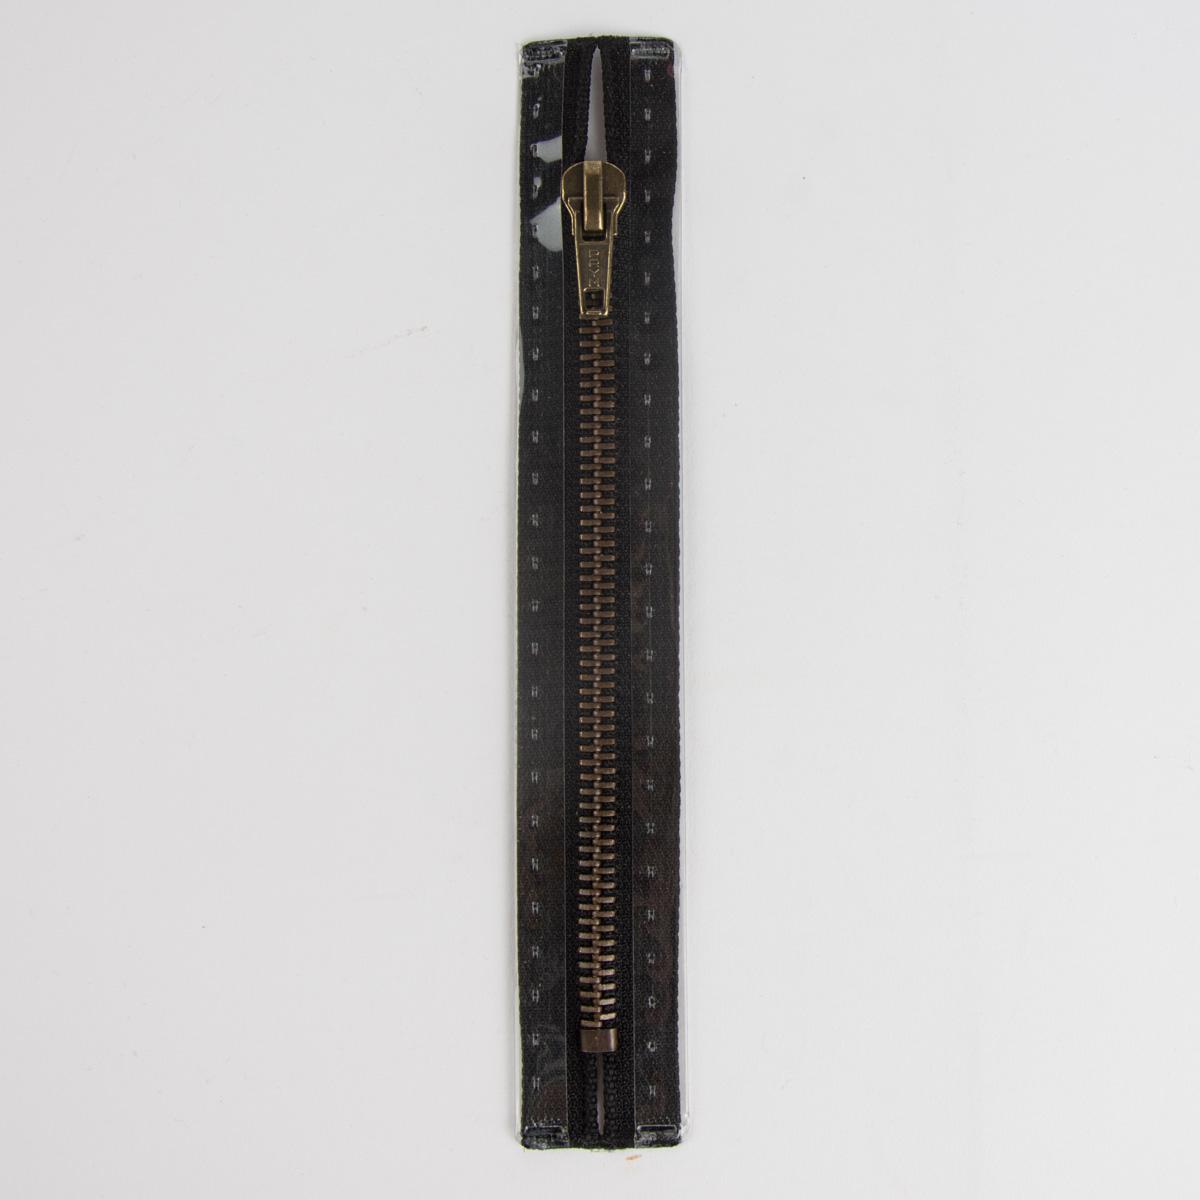 Reißverschluss M6 Typ 10 ut 20 cm am-fb Fla schwarz